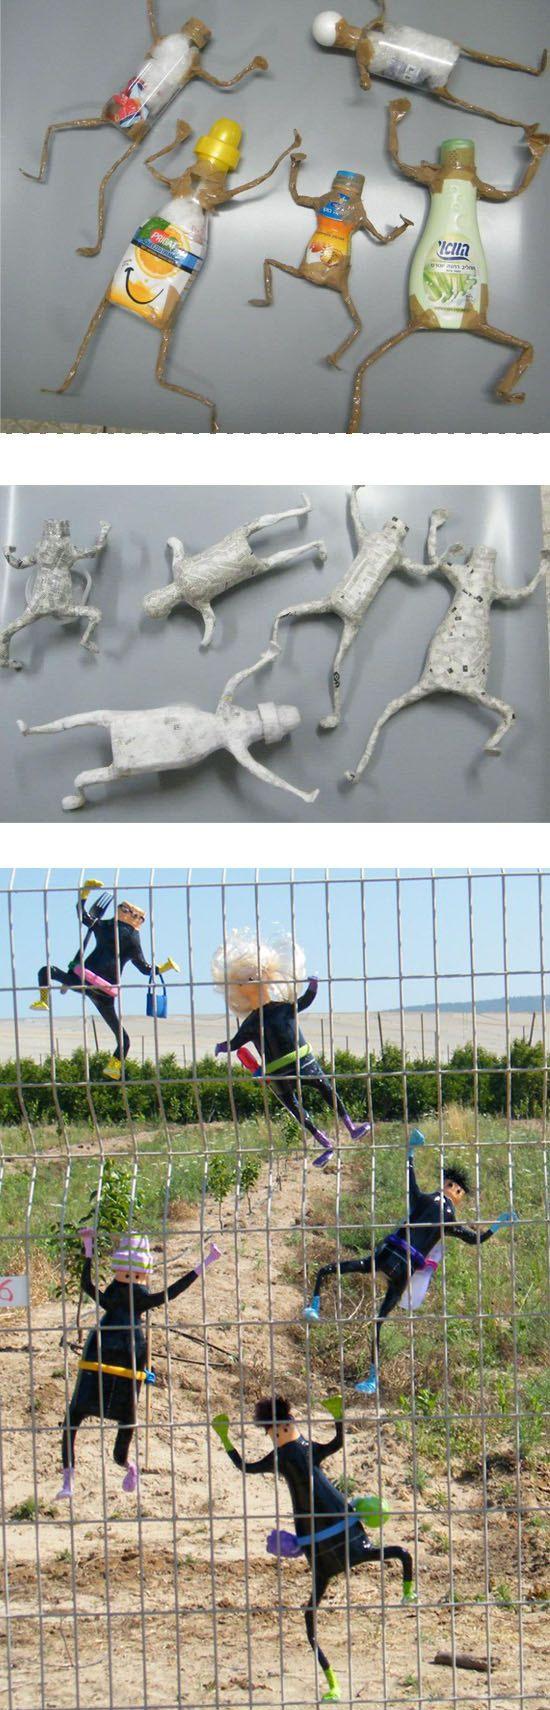 Papier Pappmache-Skulptur Bandits Kunst Puppen von RecycoolArt                                                                                                                                                                                 Mehr